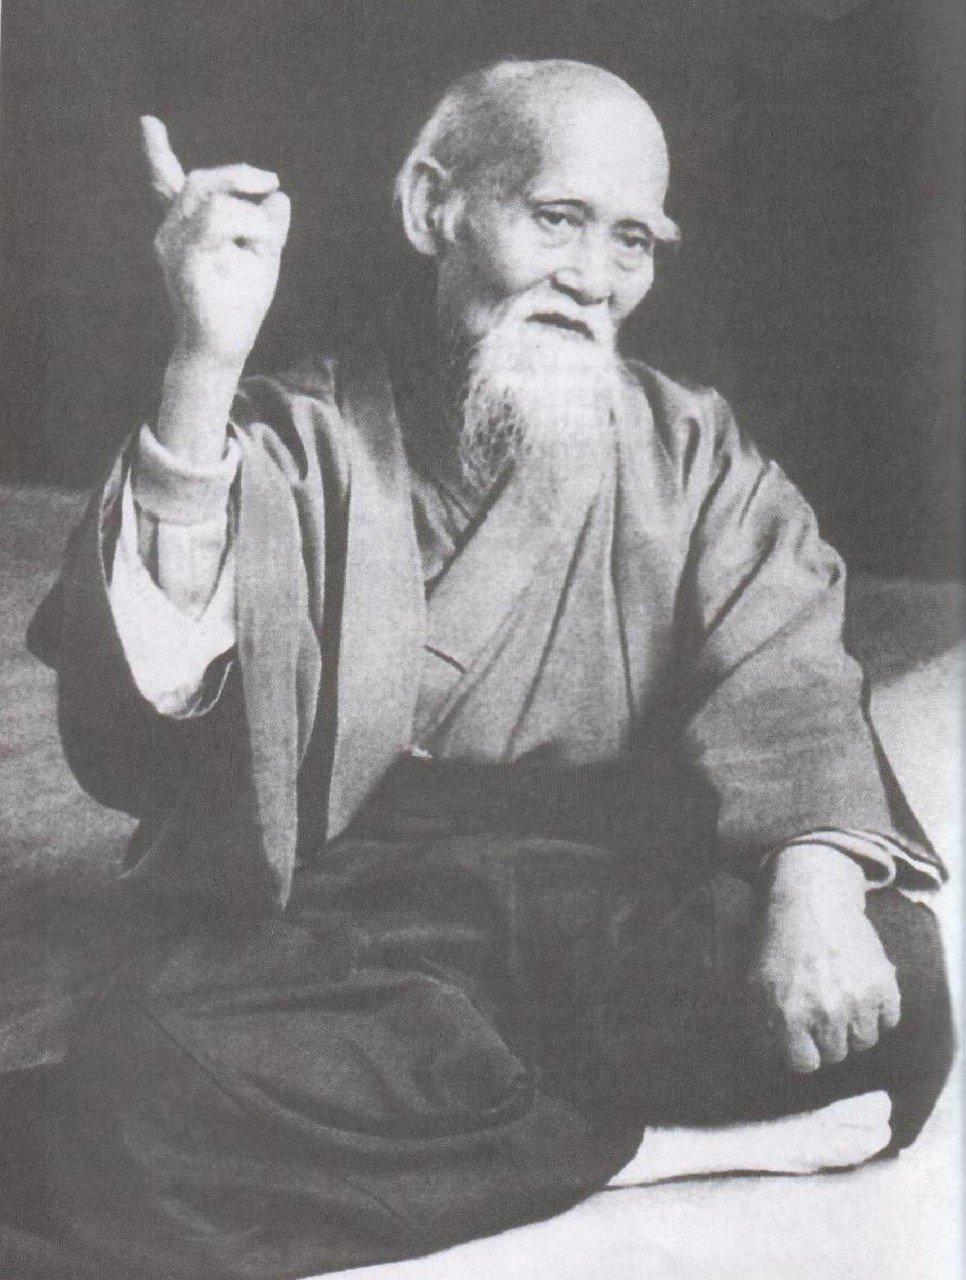 Приколы картинки с конфуцием, мая нарисованные